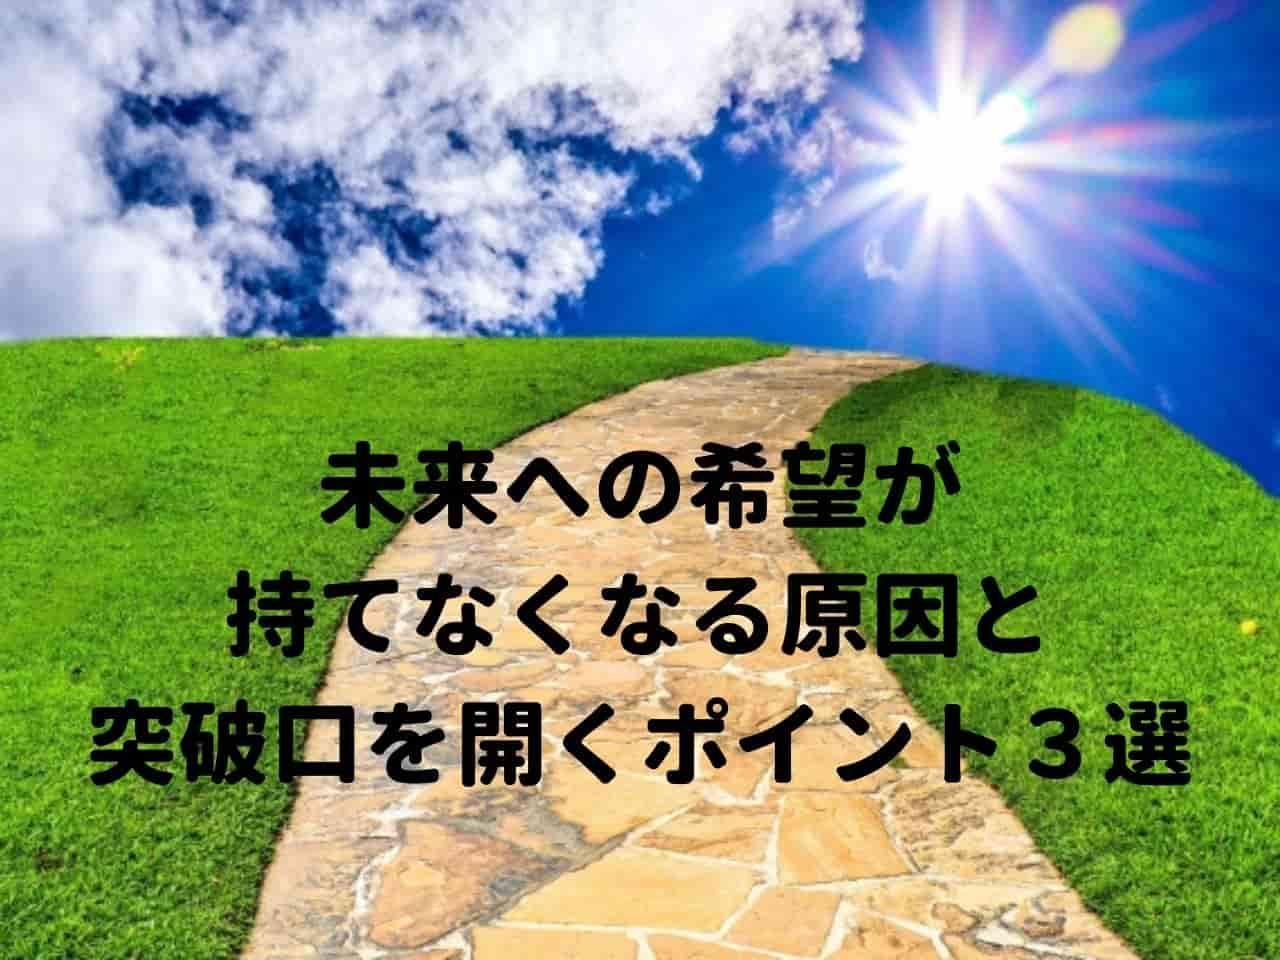 未来への希望